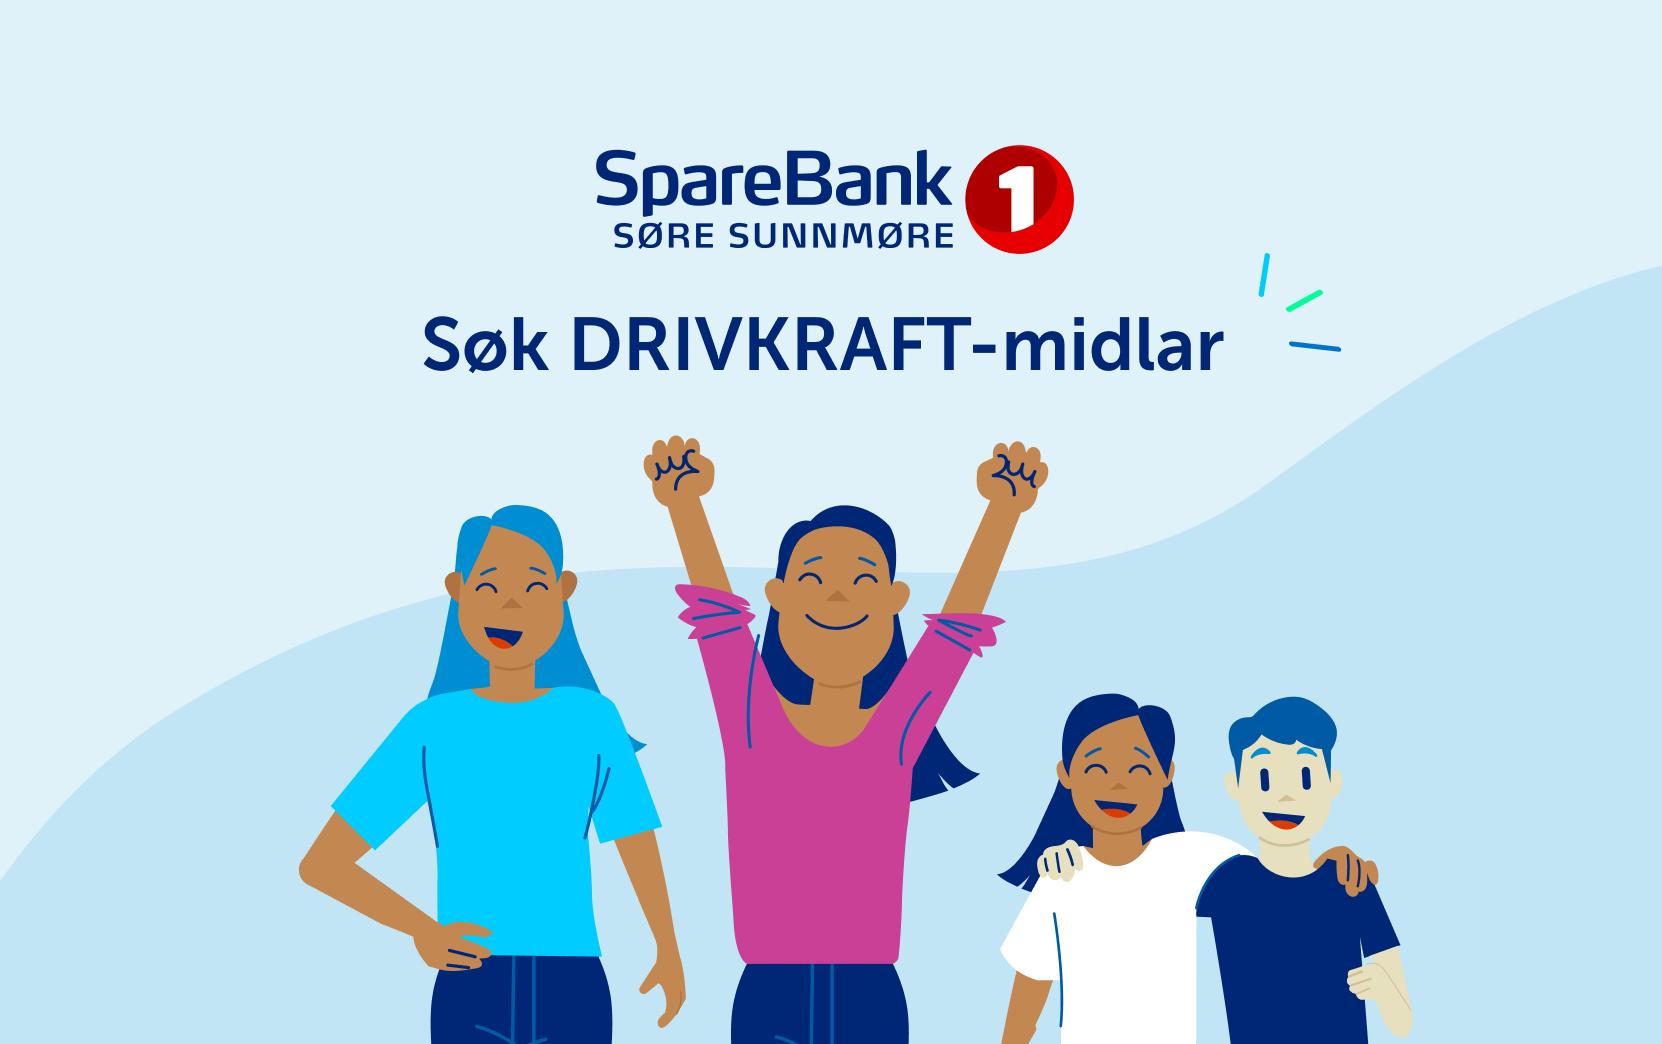 Bilde med folk som jubler, SpareBank 1 Søre Sunnmøre logo og teksten «Søk DRIVKRAFT-midlar»